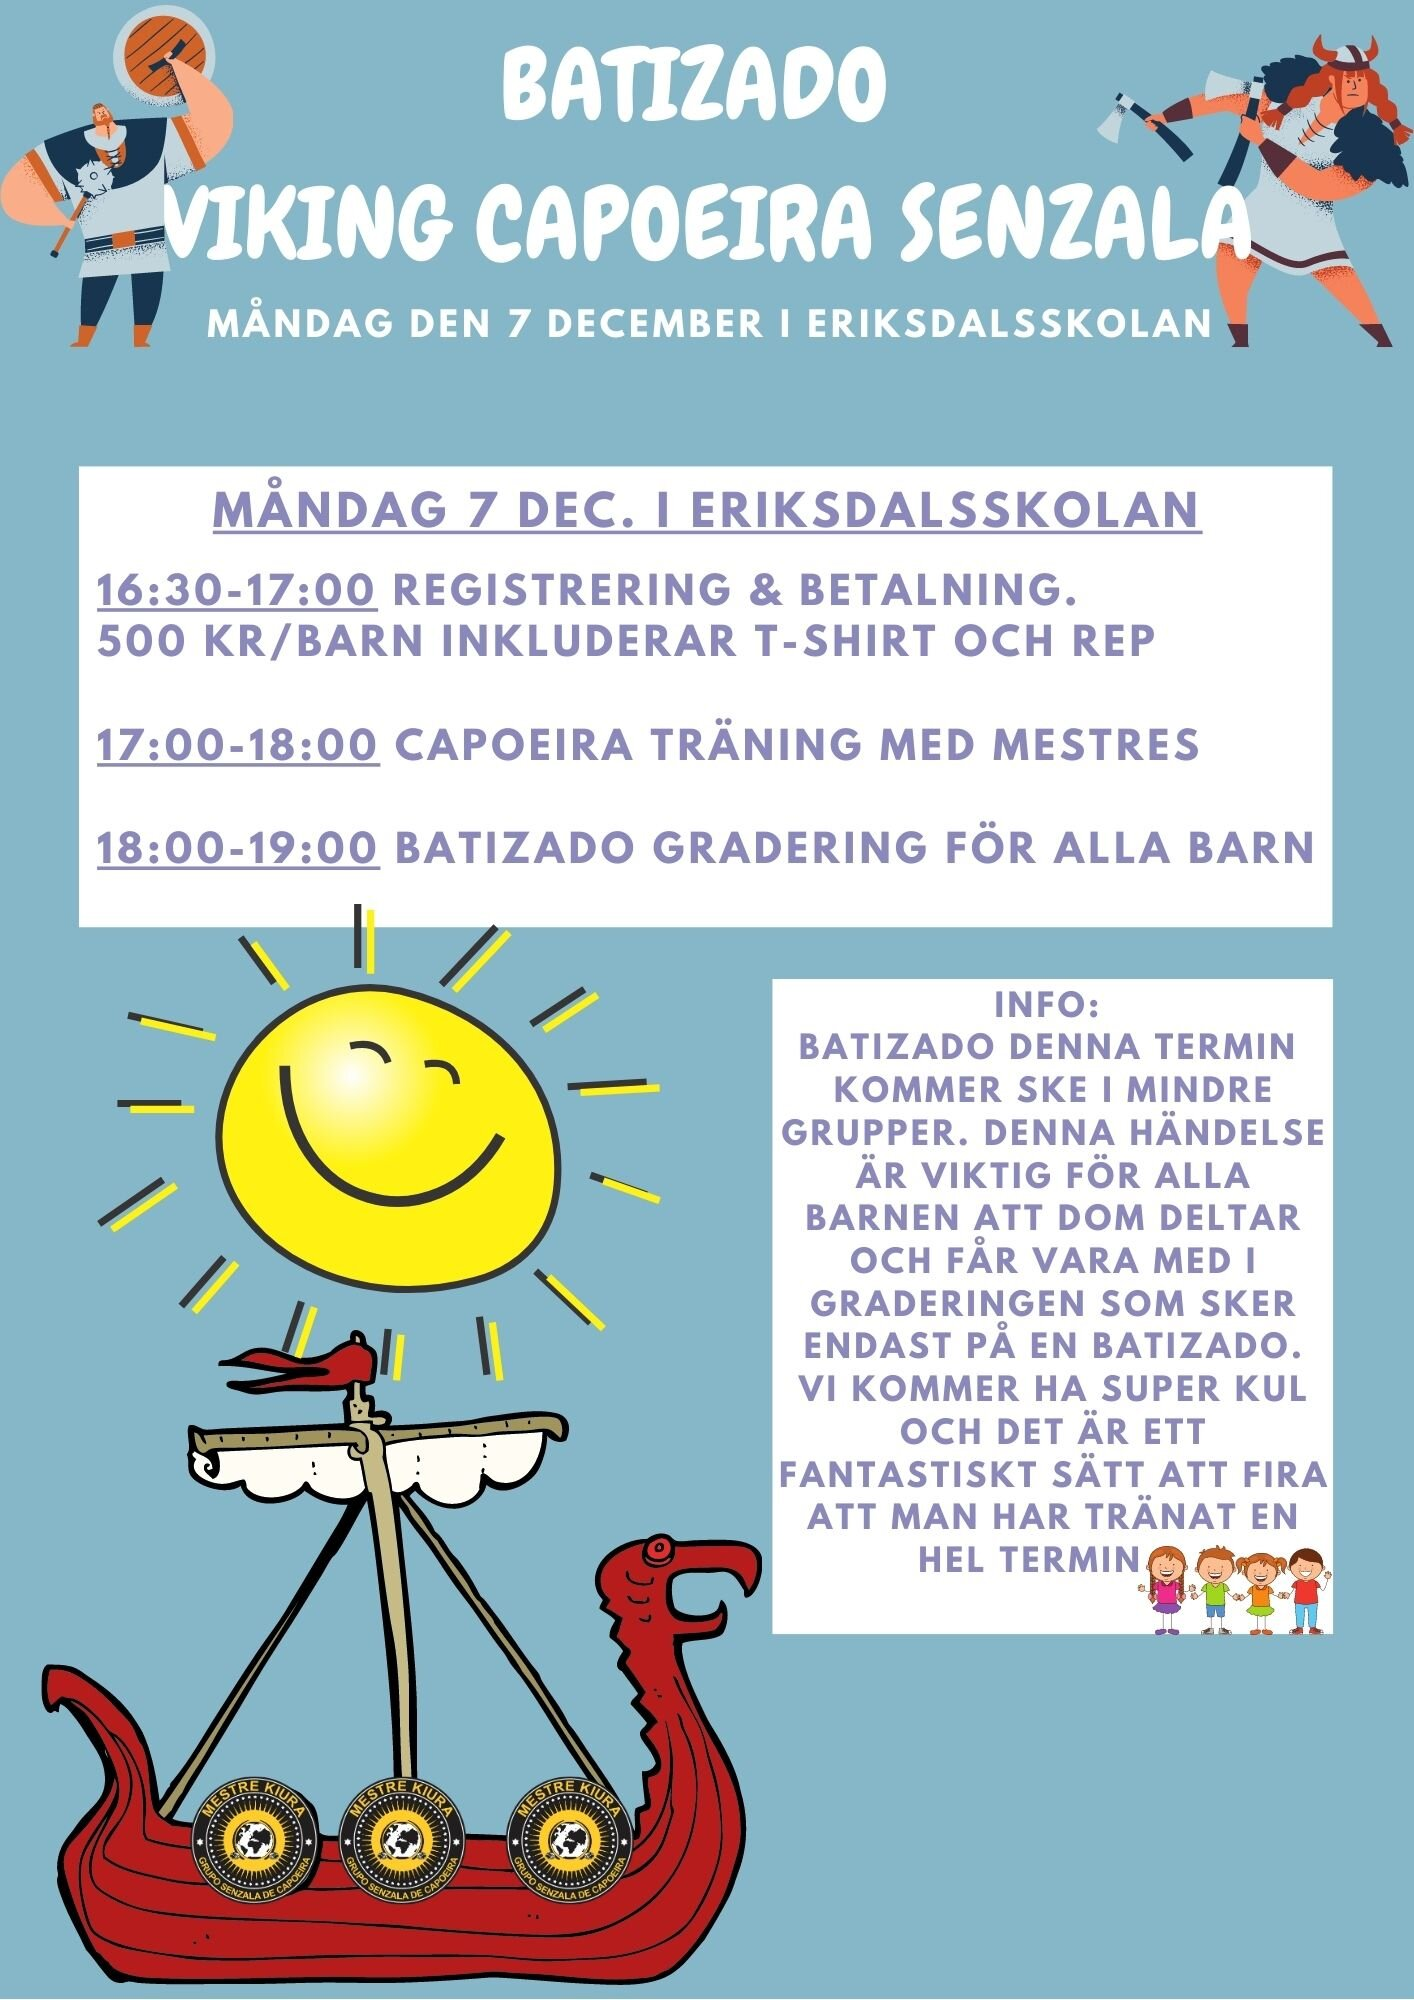 Barngrupper Skanstull Schema För Batizado Måndag 7 December